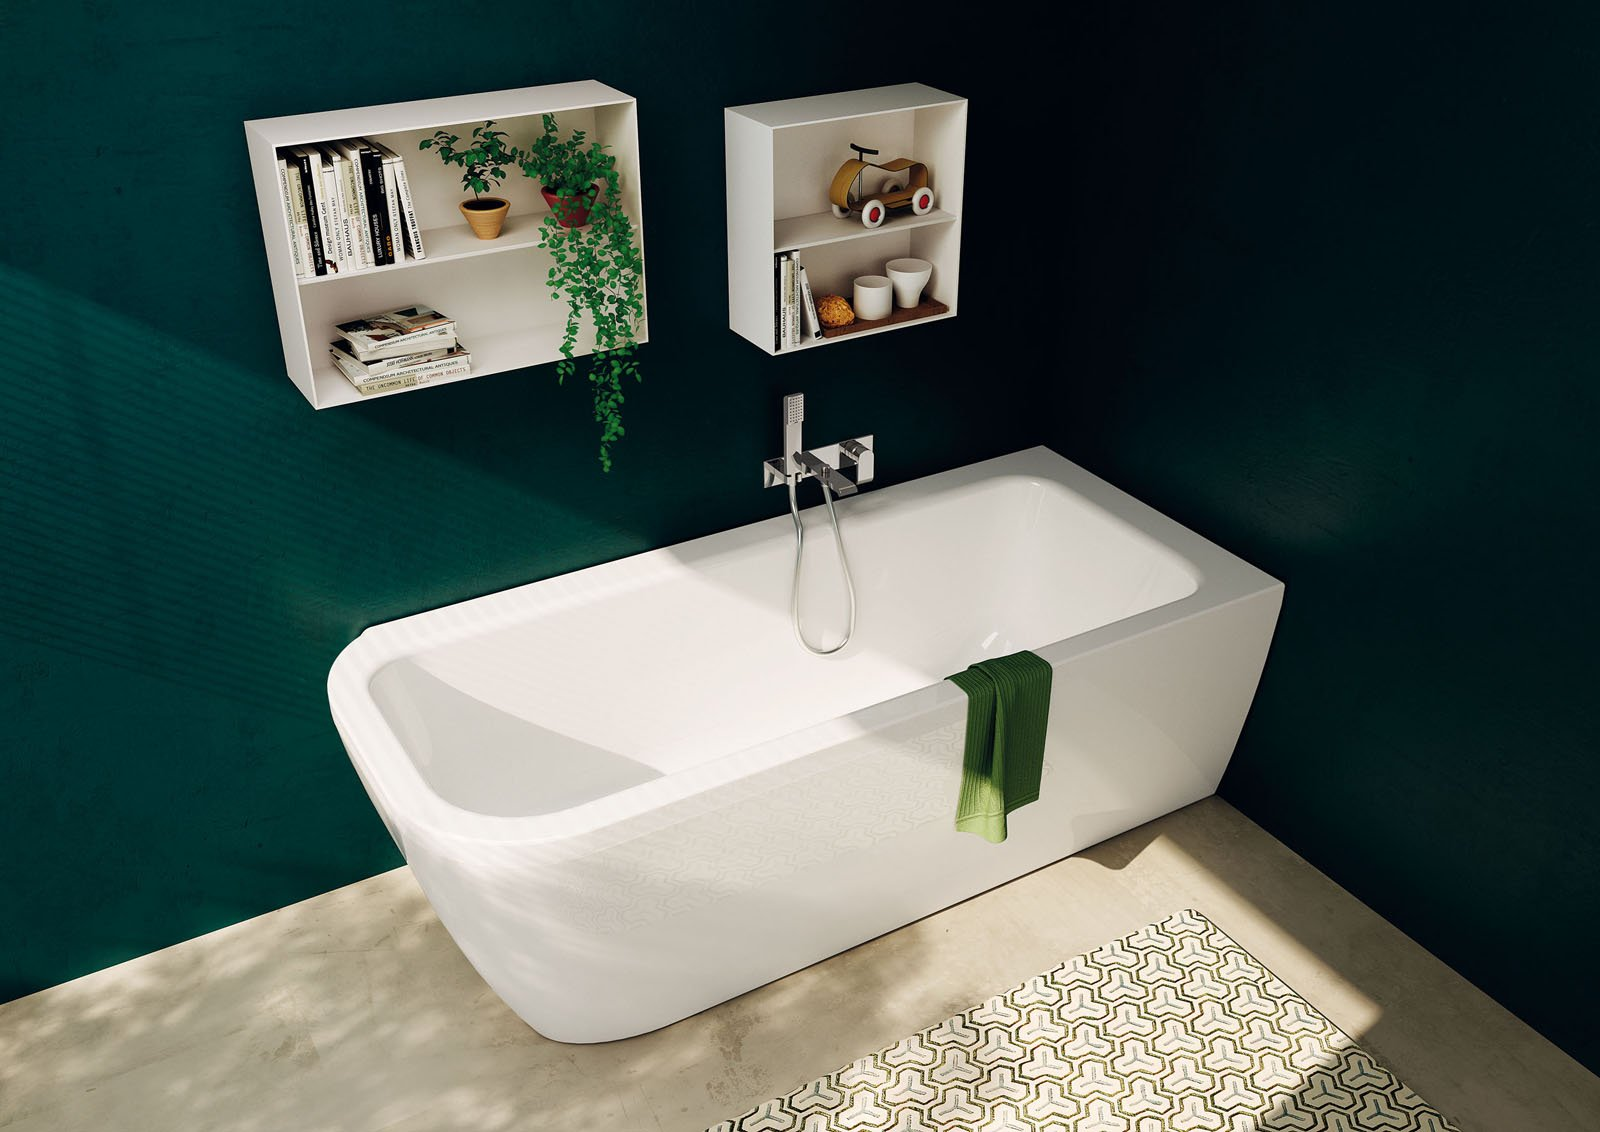 Vasca con doccia idromassaggio - Vasche da bagno rotonde ...